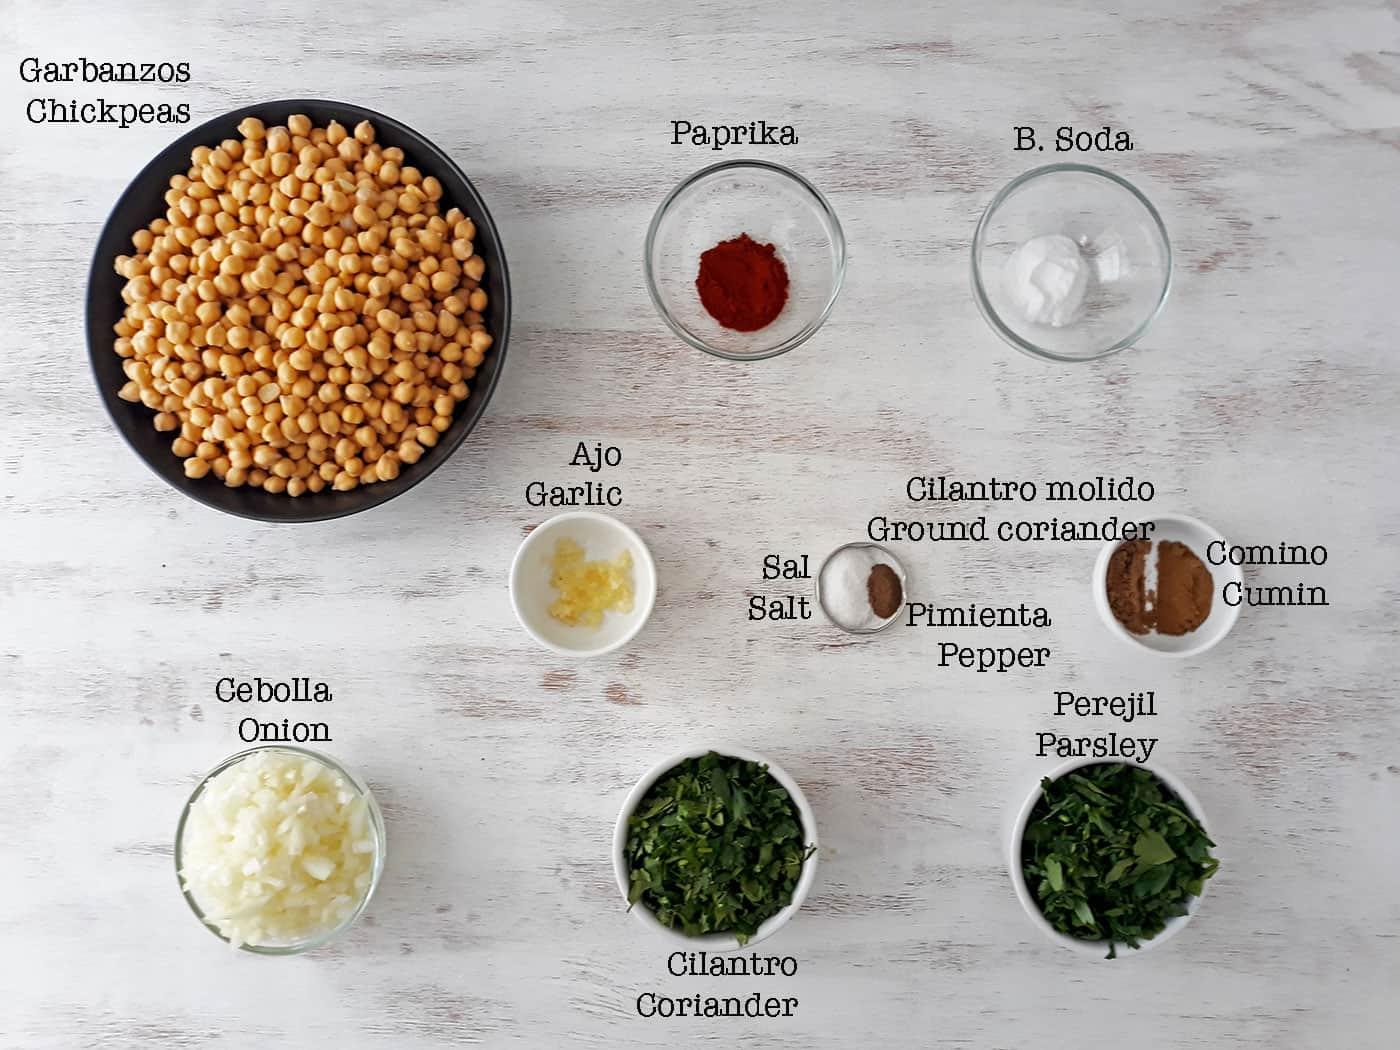 ingredientes para preparar falafels o croquetas de garbanzos